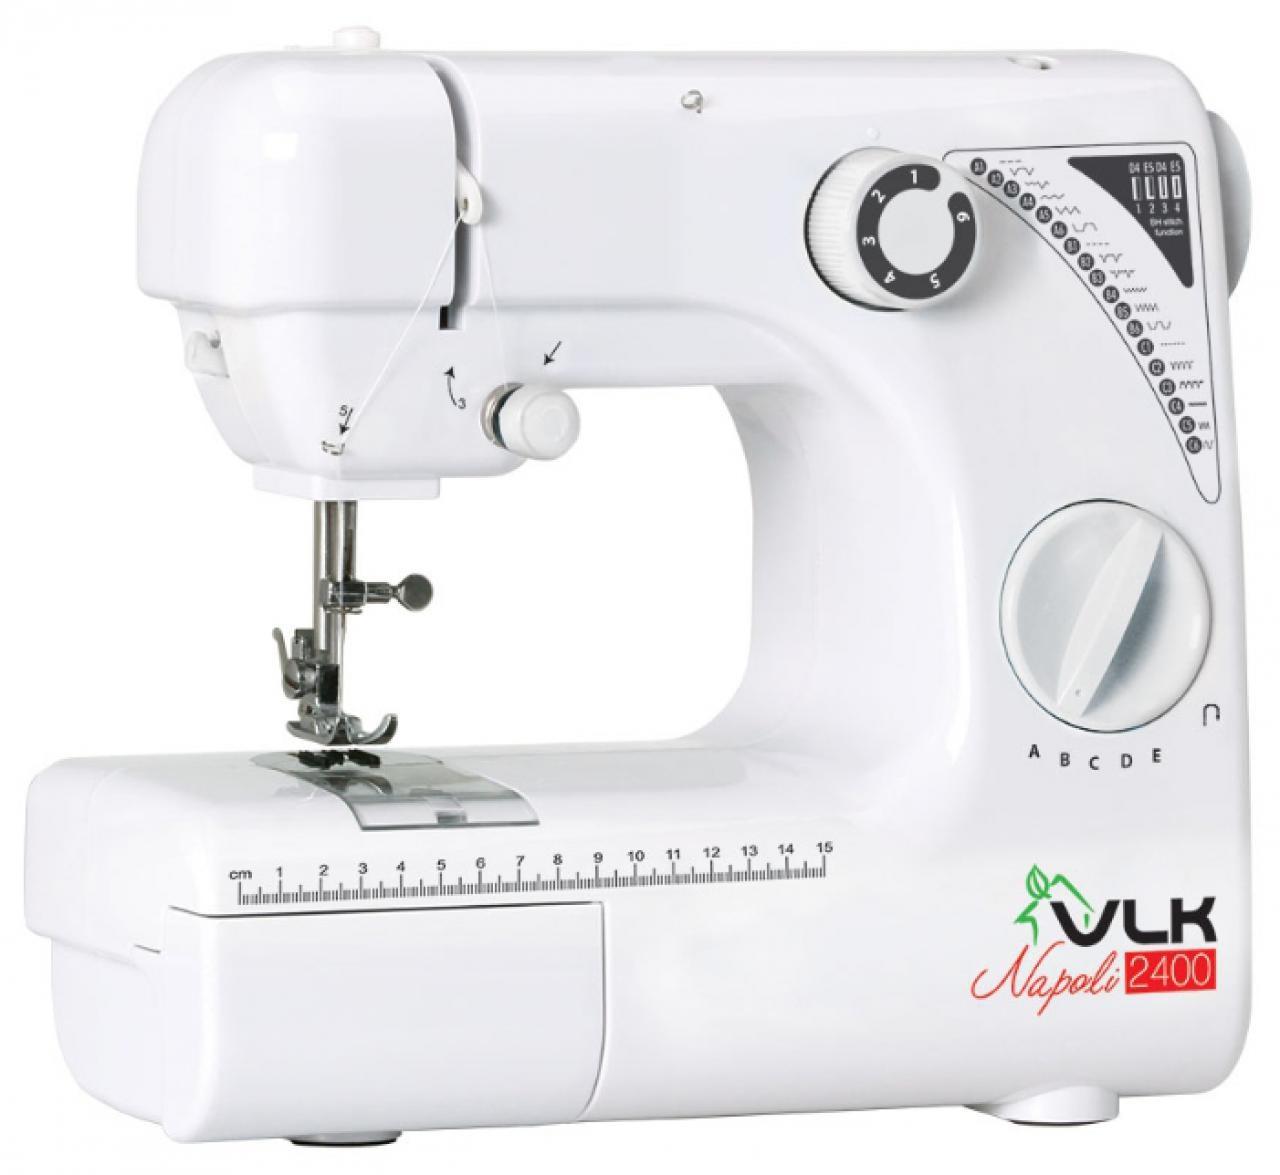 Швейная машинка Vlk 2400 швейная машина vlk napoli 2100 белый